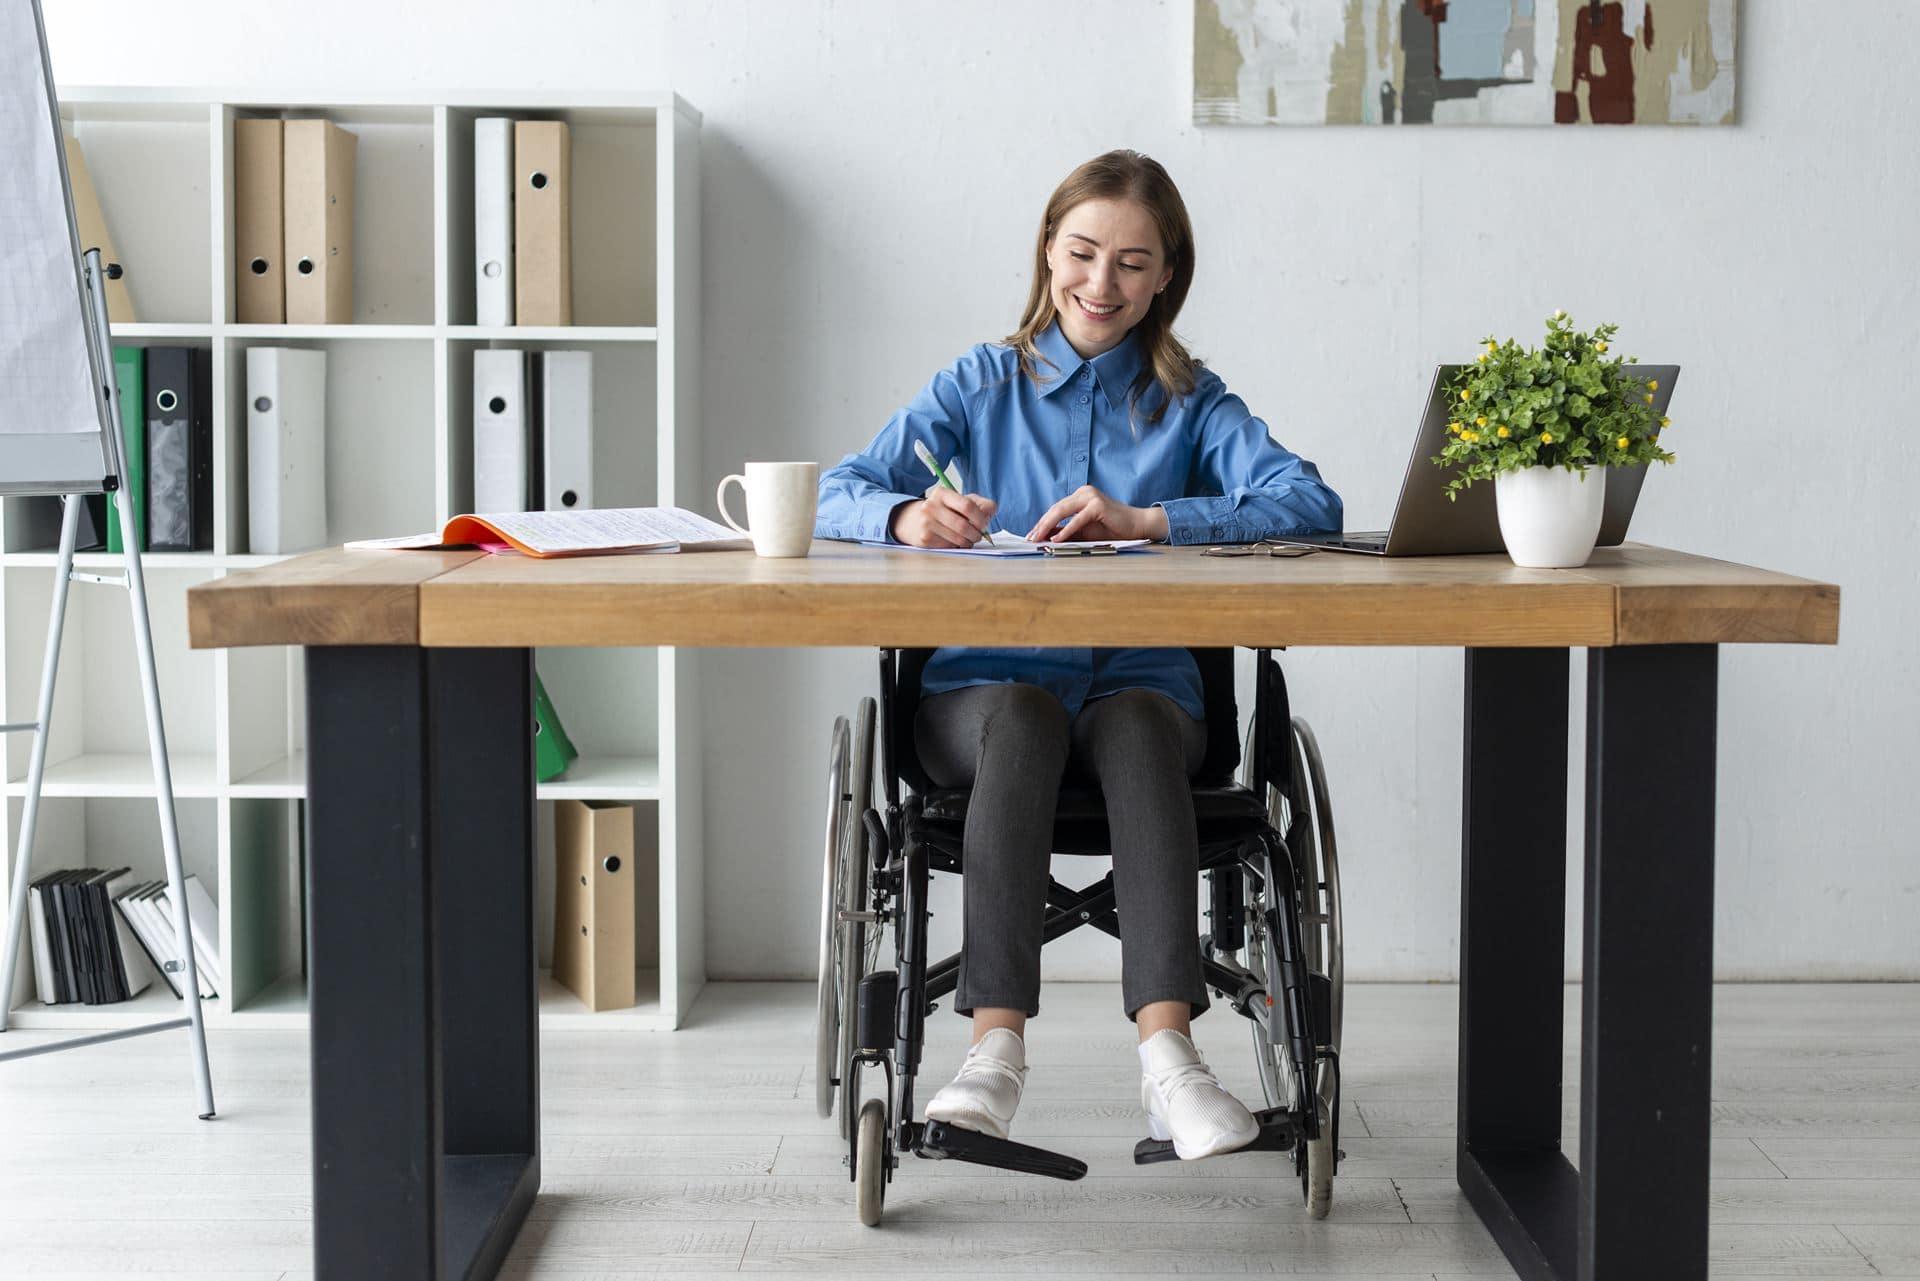 התאמת הסביבה הביתית ואביזרי עזר לתפקוד - Restart Therapy מומחים בשיקום פרטי בבית הלקוח